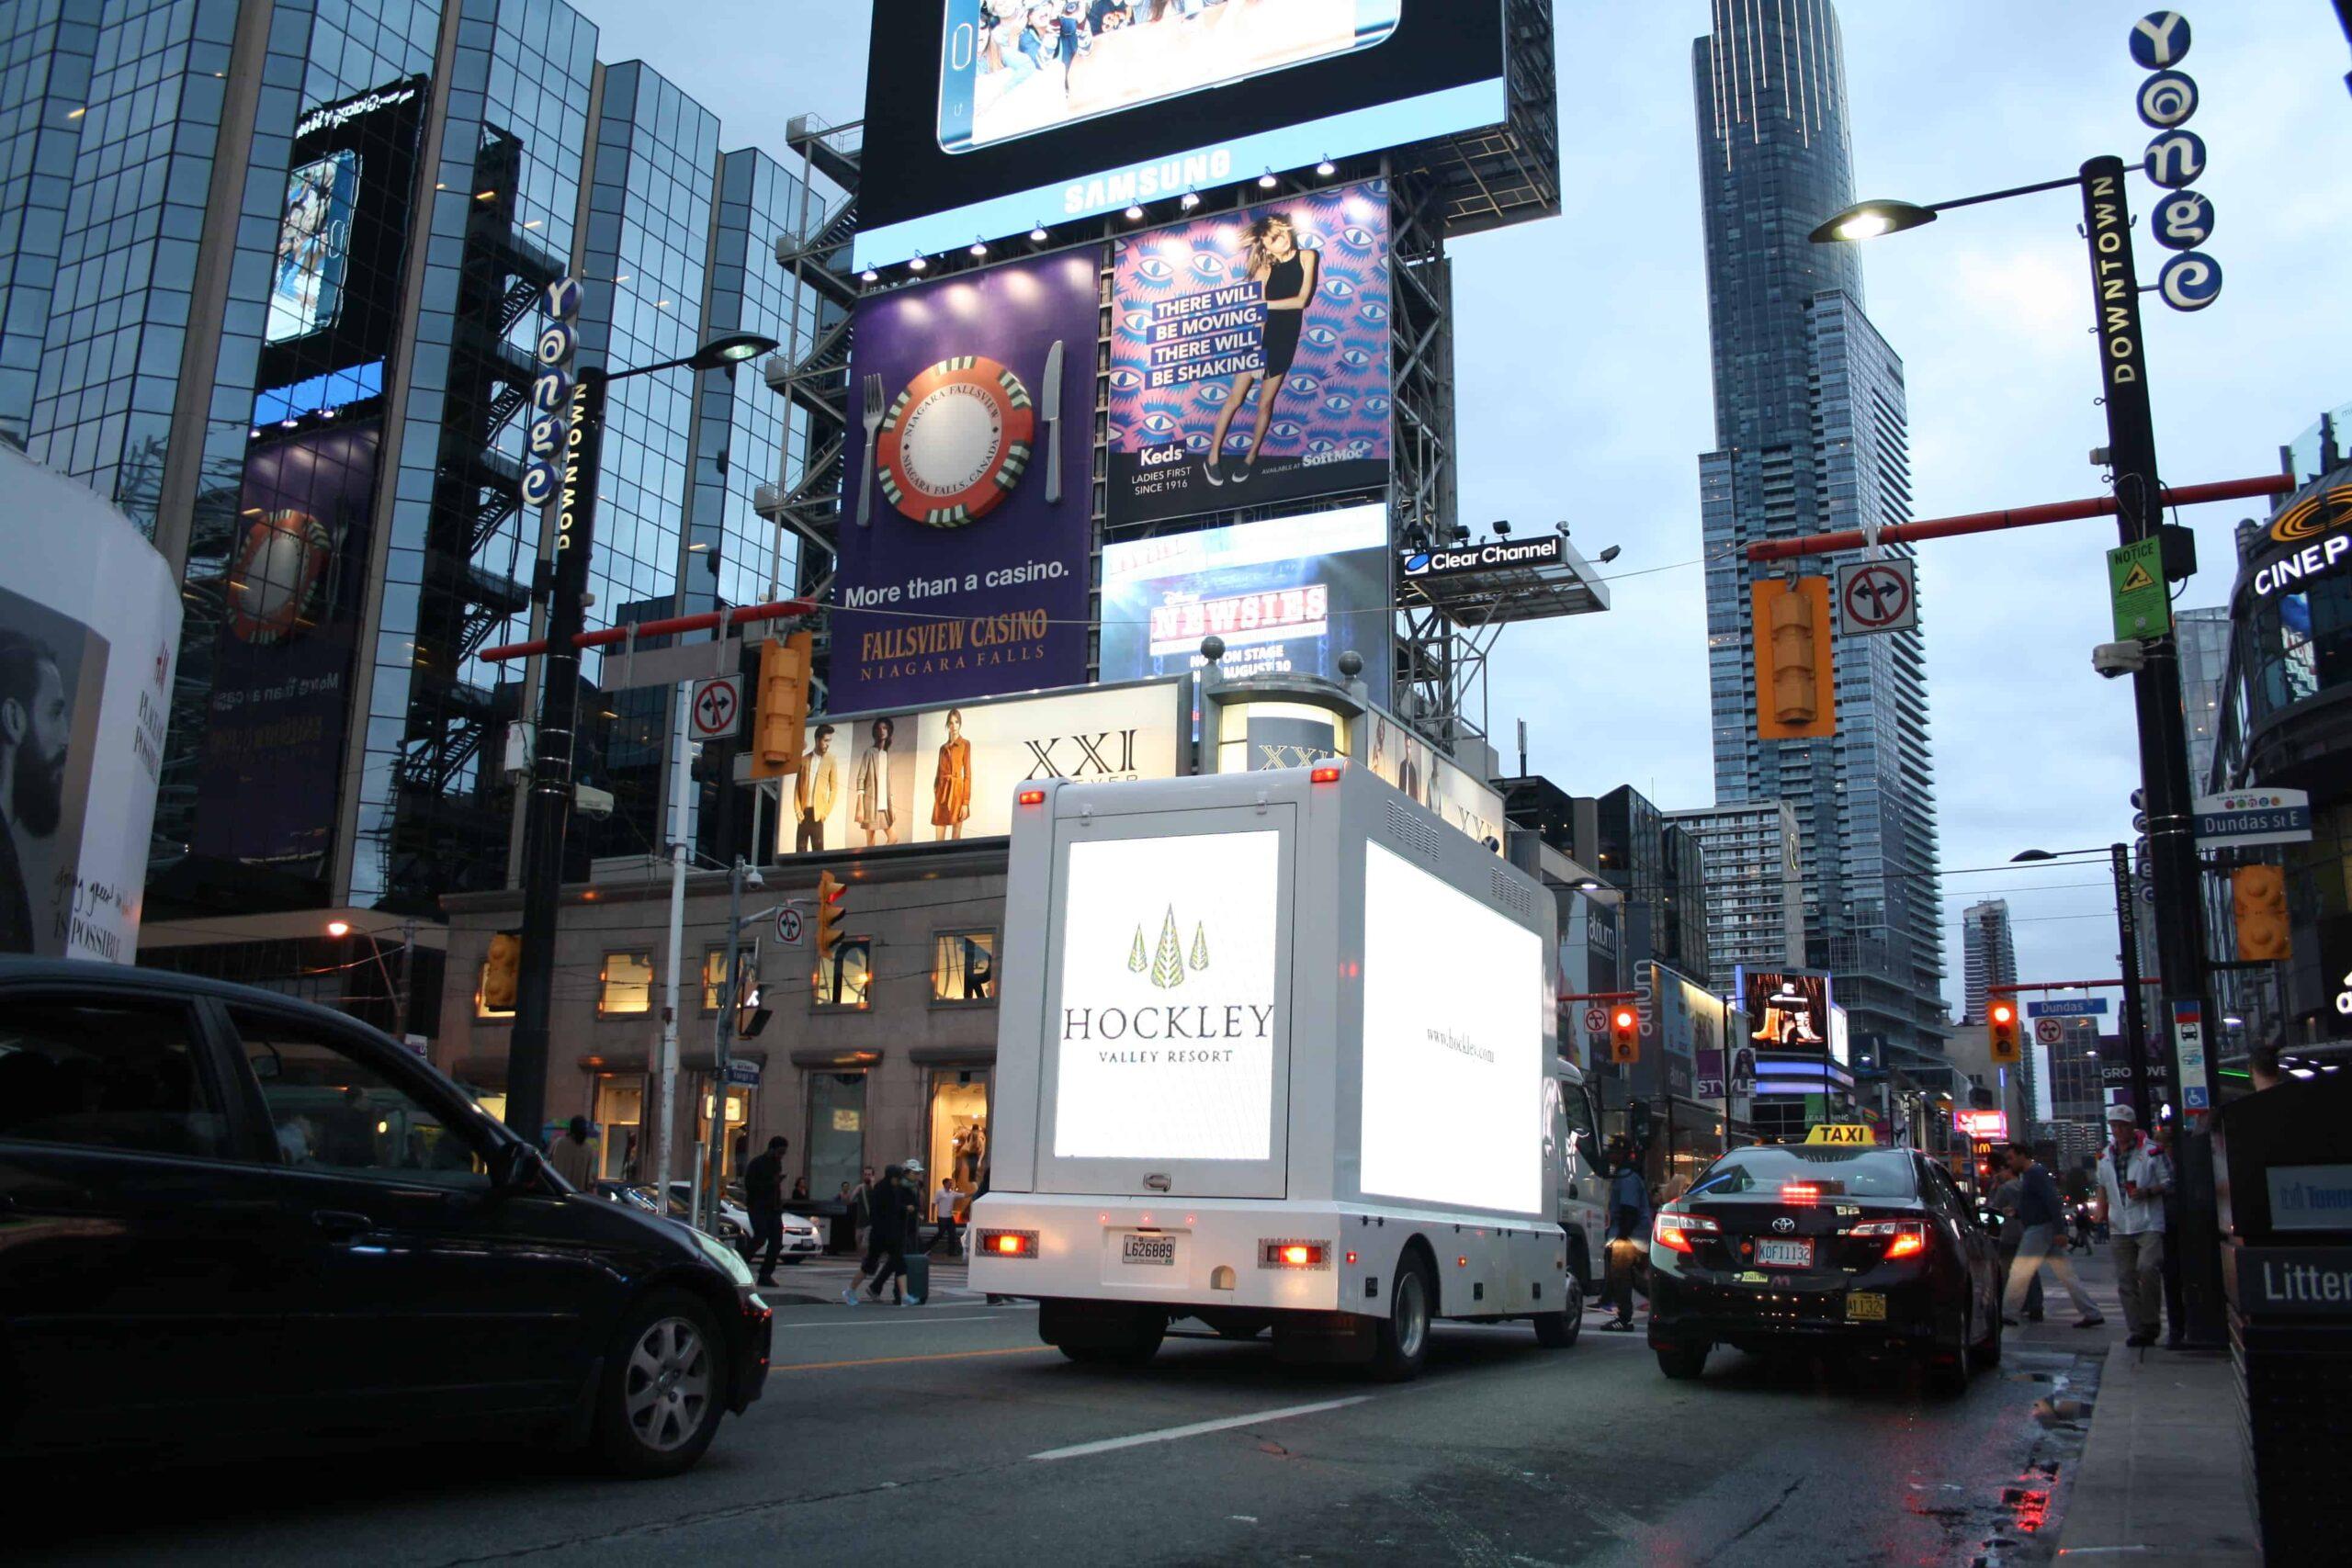 Digital Ad Truck: Hockley Valley Resort